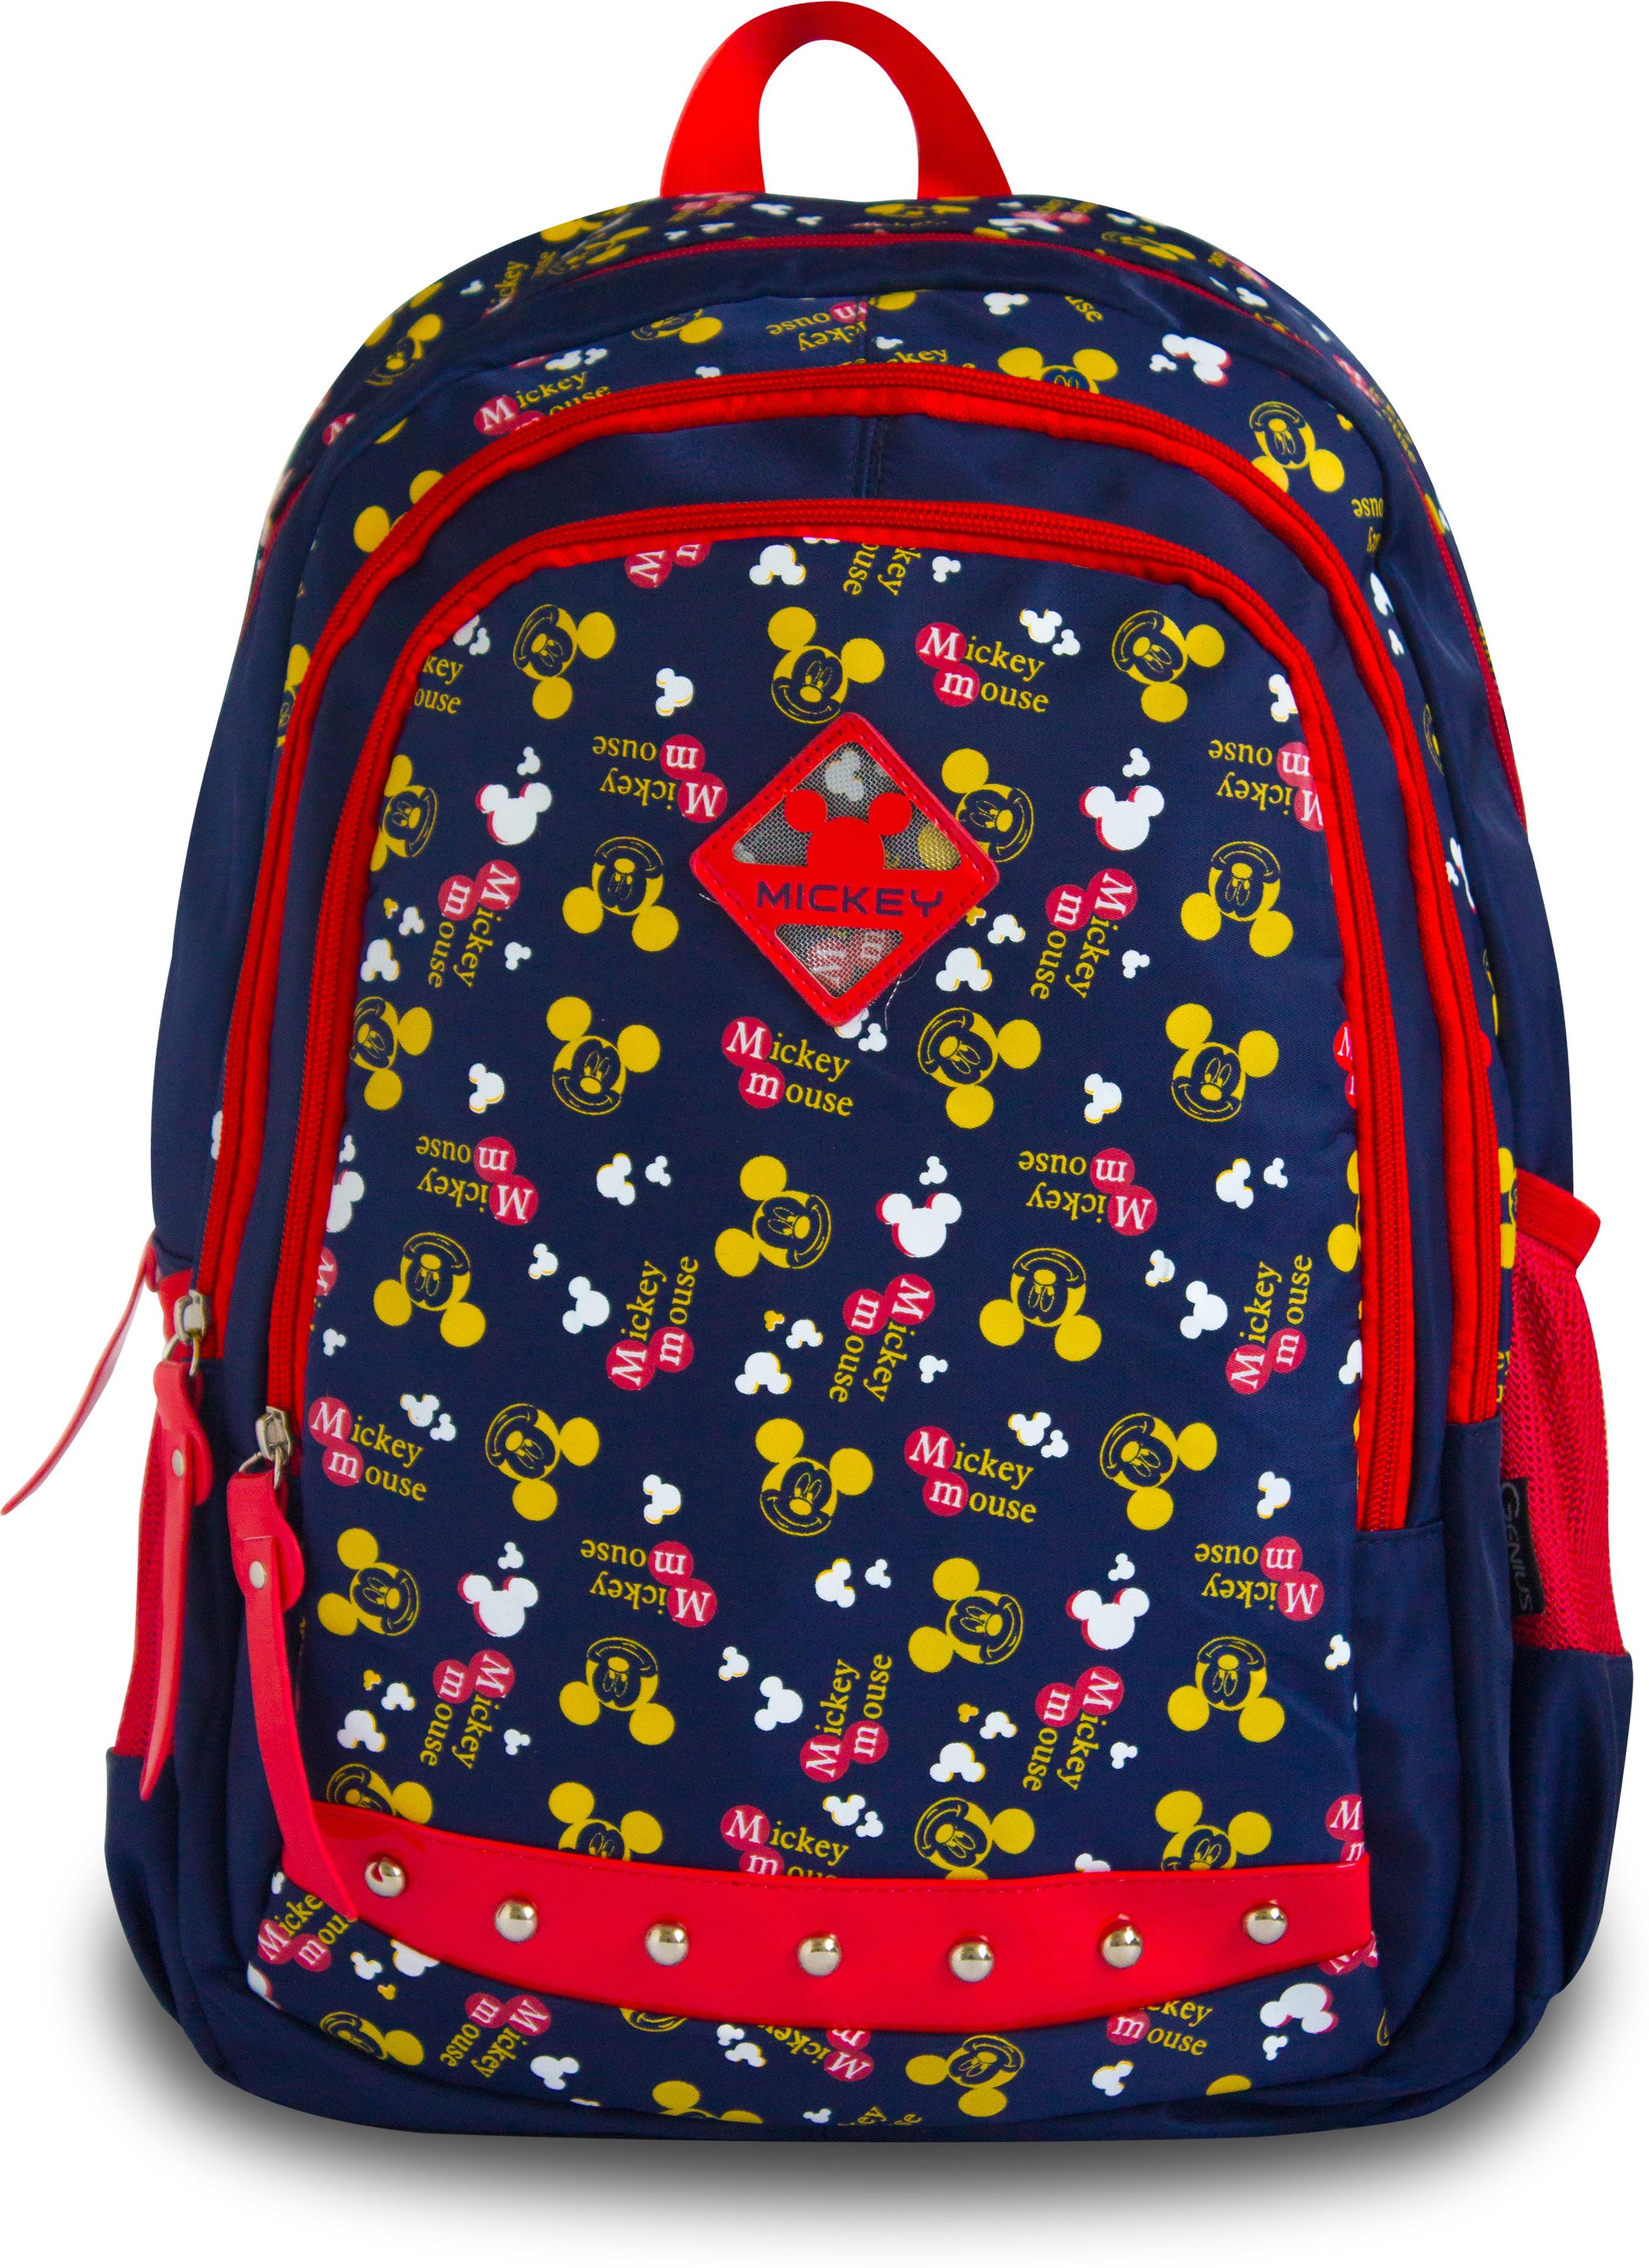 Buy School Bags Online Ken Chad Consulting Ltd